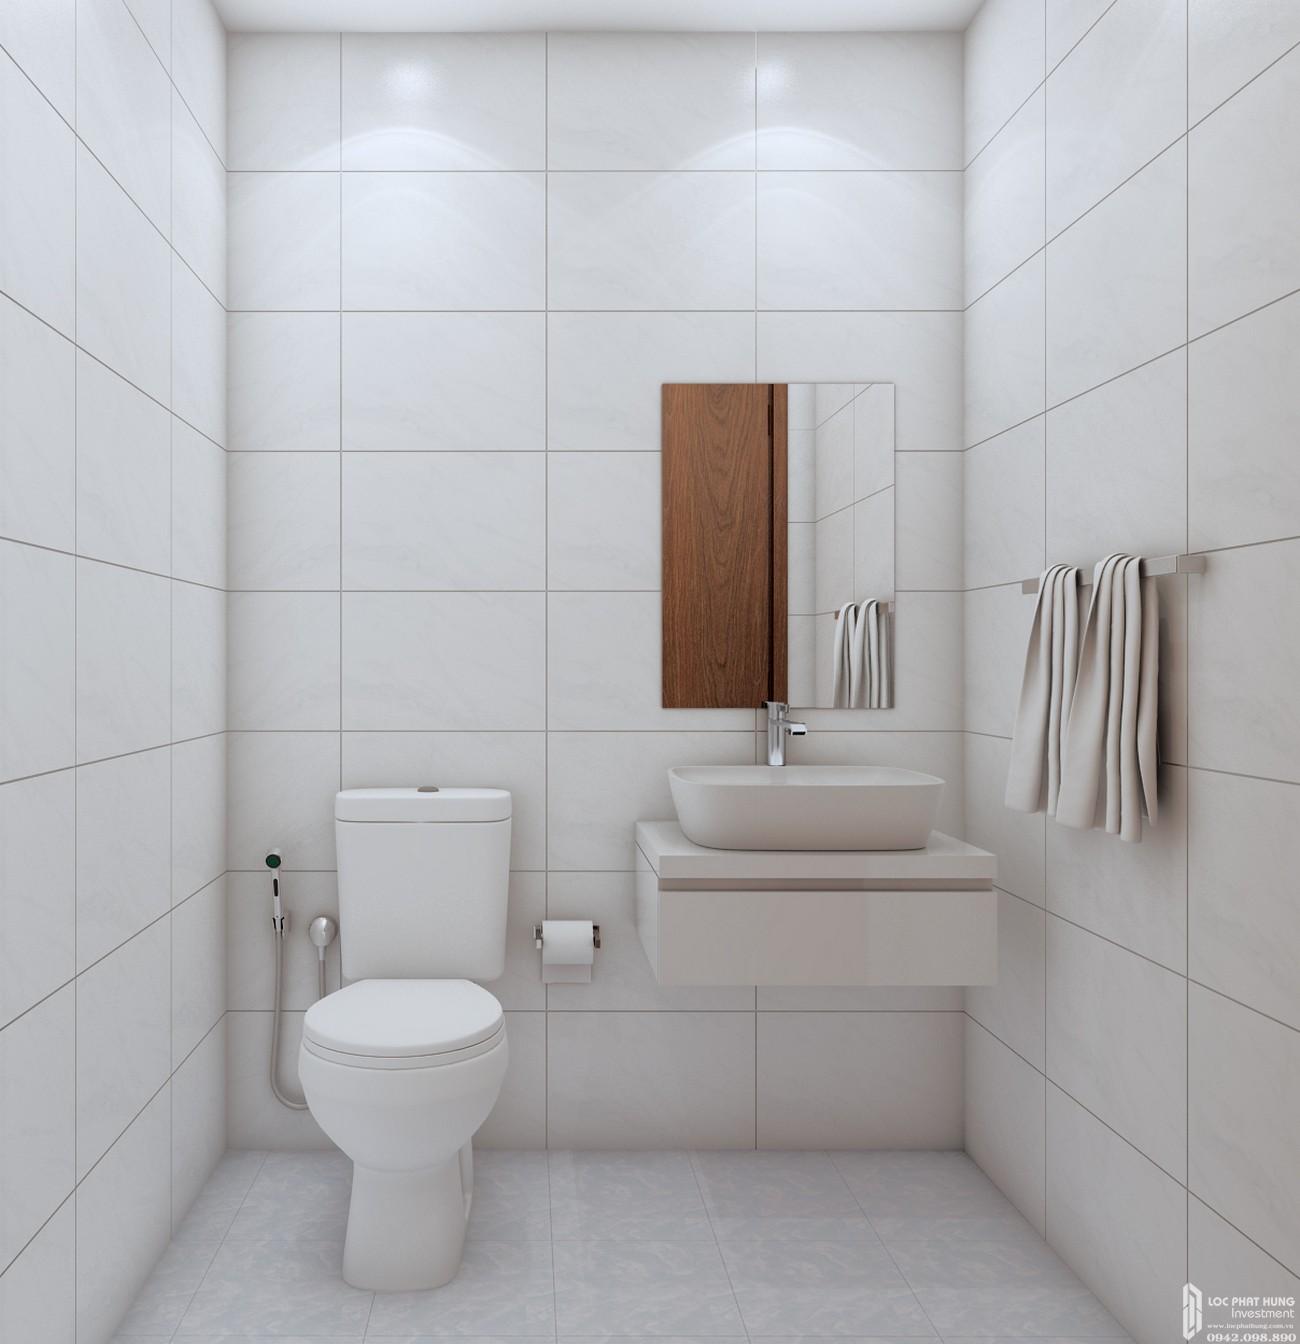 Toilet căn hộ chung cư Bcons Suối Tiên loại A Dĩ An Đường Tân Lập chủ đầu tư Bcons